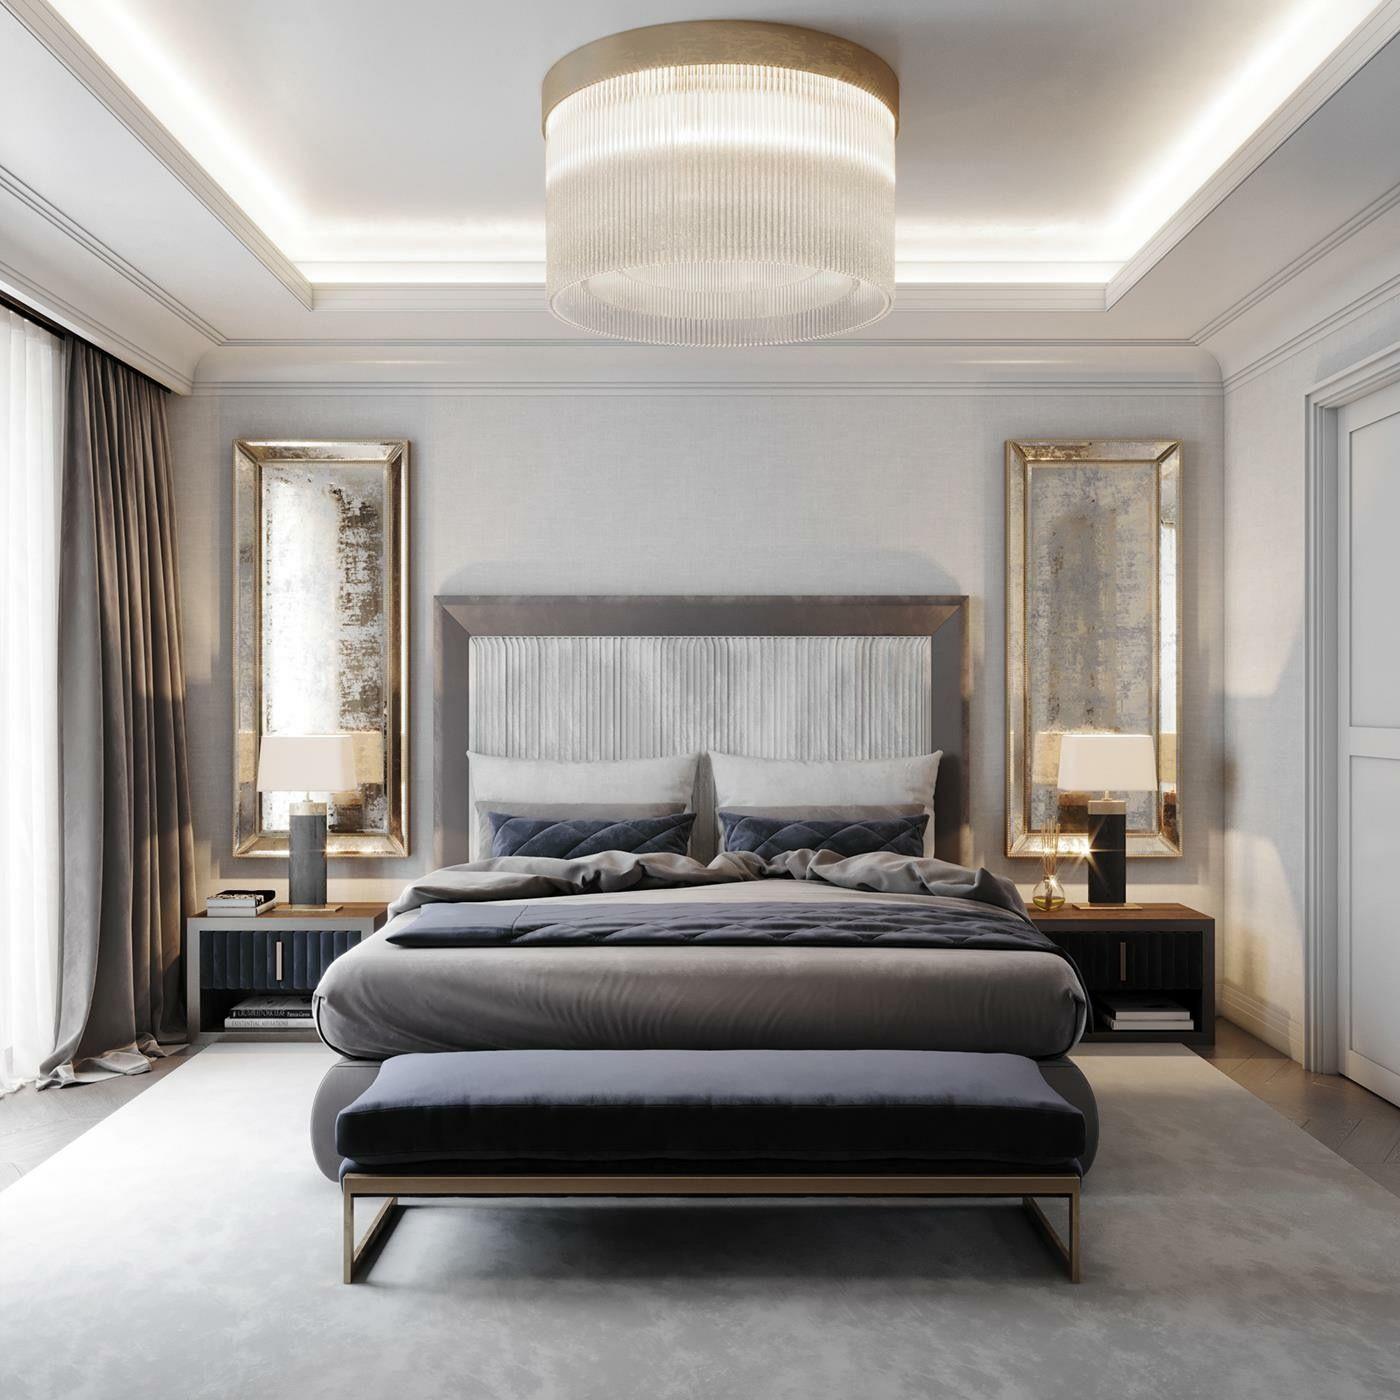 Simple Modern Bedroom Designs: Simple Minimalist Bedroom Luxury